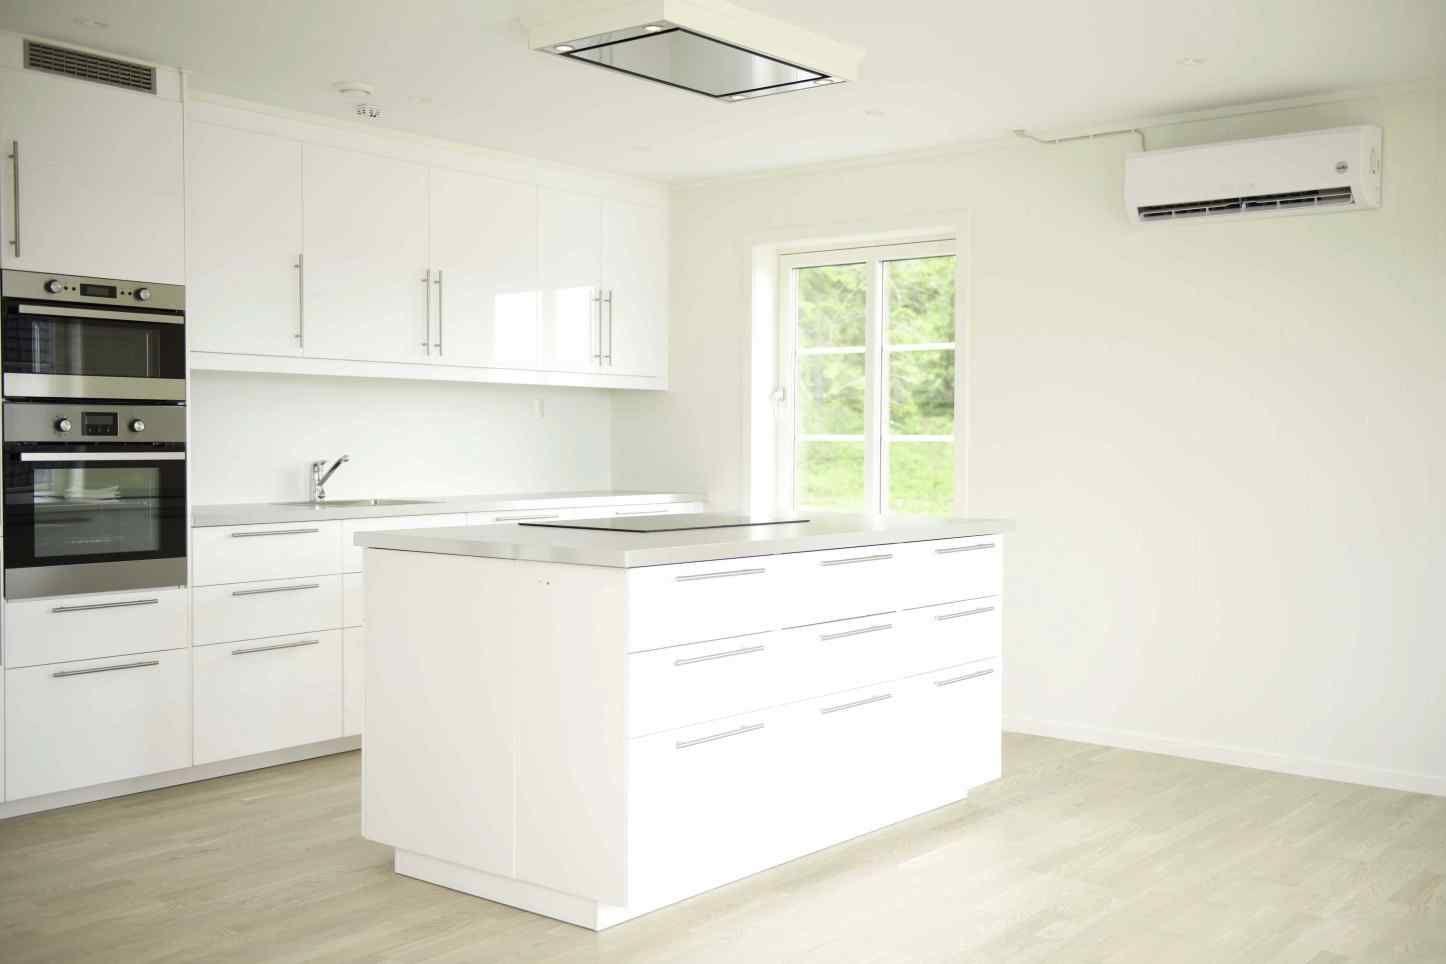 Kjøkkenet har tidsriktig innredning med hvite høyglansfronter og lys grå laminat benkeplate.  Oppvaskmaskin, komfyr med platetopp, micro ovn og kjøleskap er integrert. Det er kjøkkenøy med takmontert avtrekksvifte over og LED downlight.